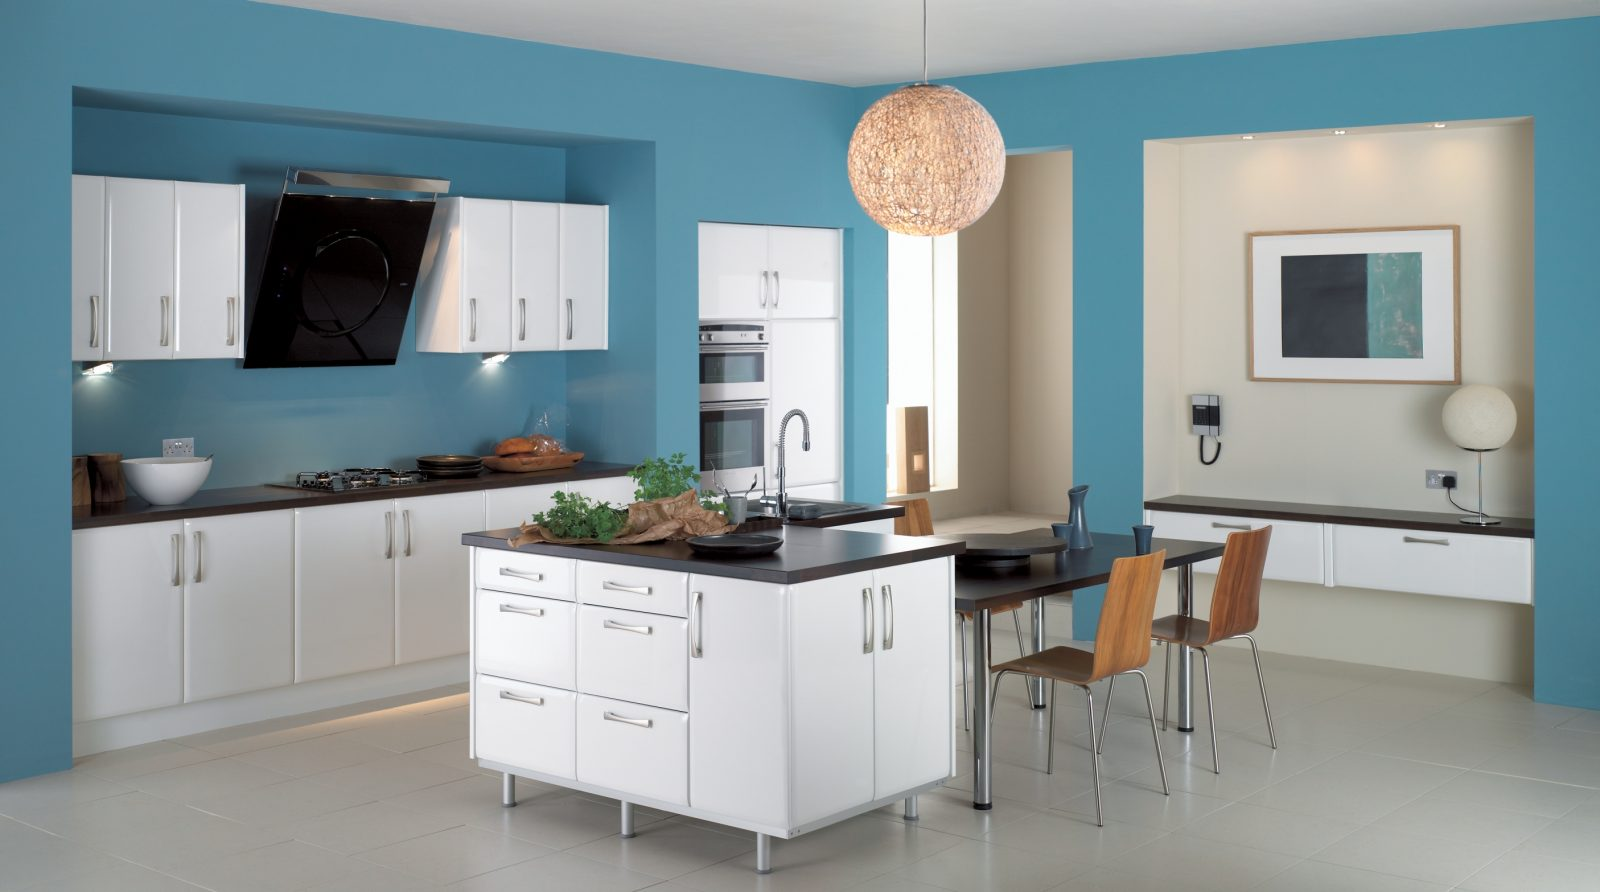 Muebles modernos de cocina im genes y fotos for Muebles de cocina pequena modernos